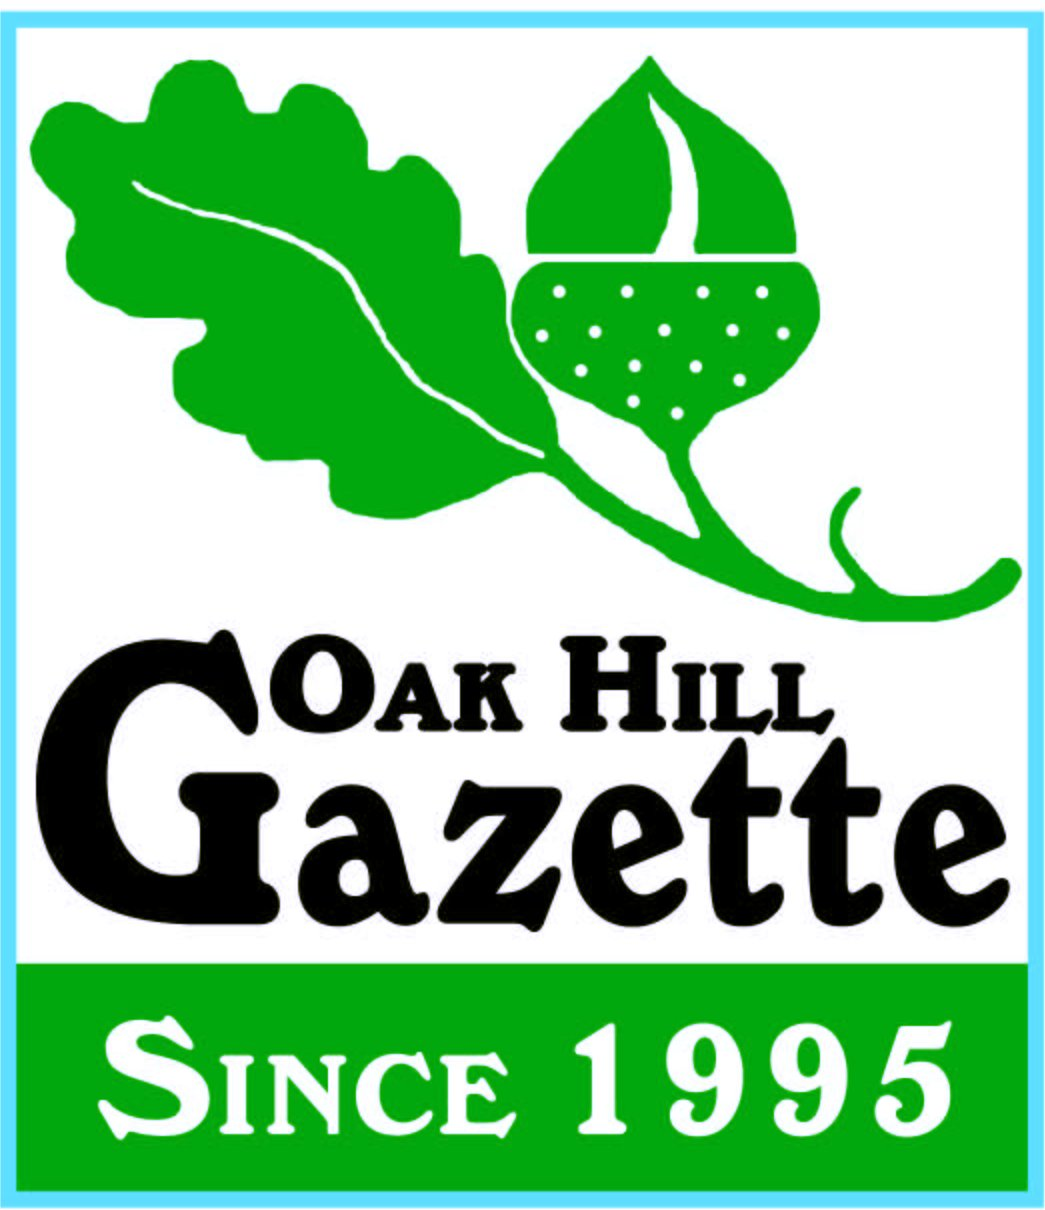 Oak Hill Gazette